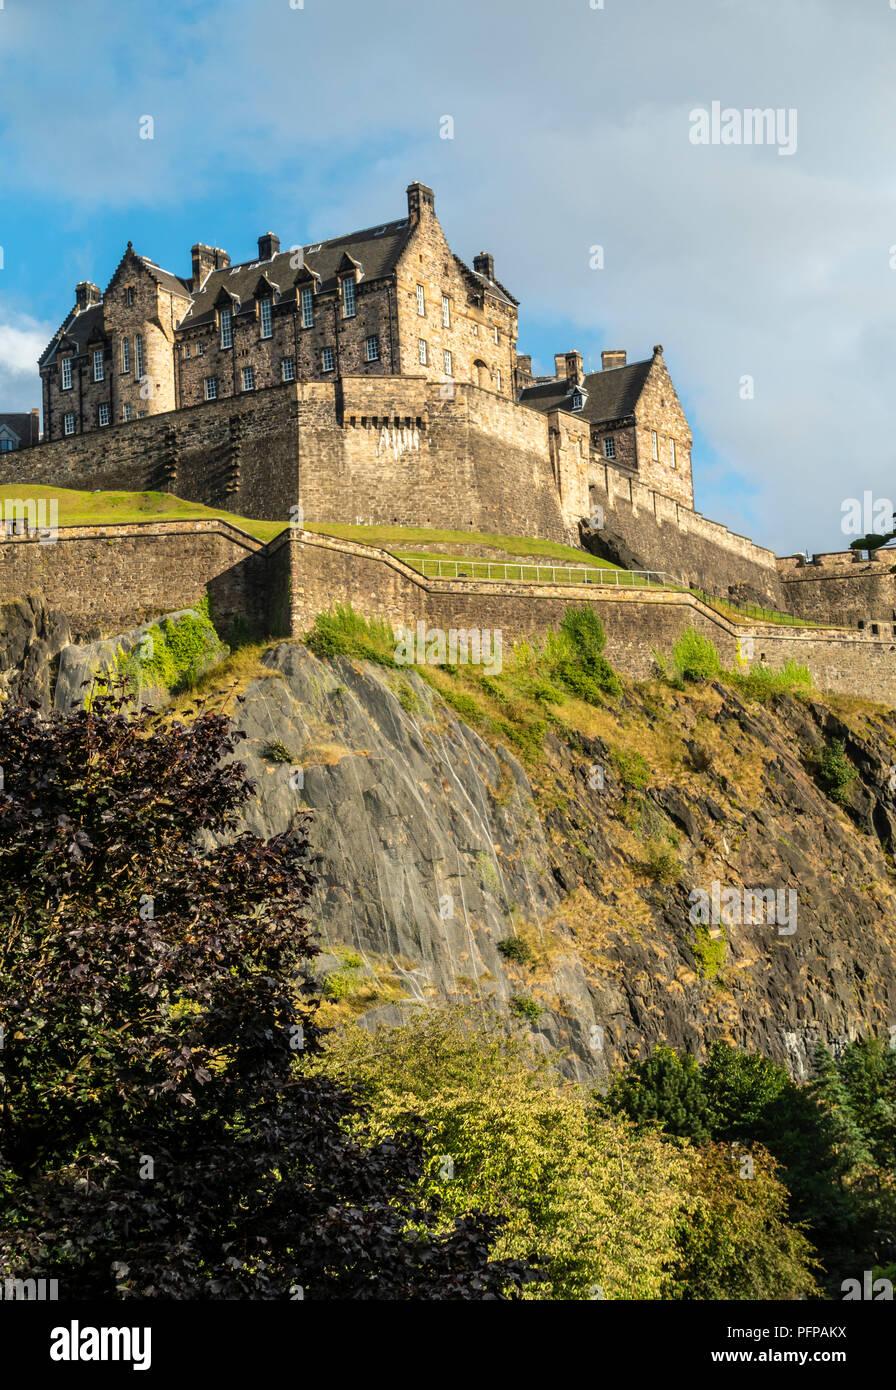 Le Château d'Édimbourg, une forteresse historique au sommet d'un bouchon volcanique, où c'est une attraction touristique et historique dans le milieu du centre-ville d'Édimbourg. Photo Stock